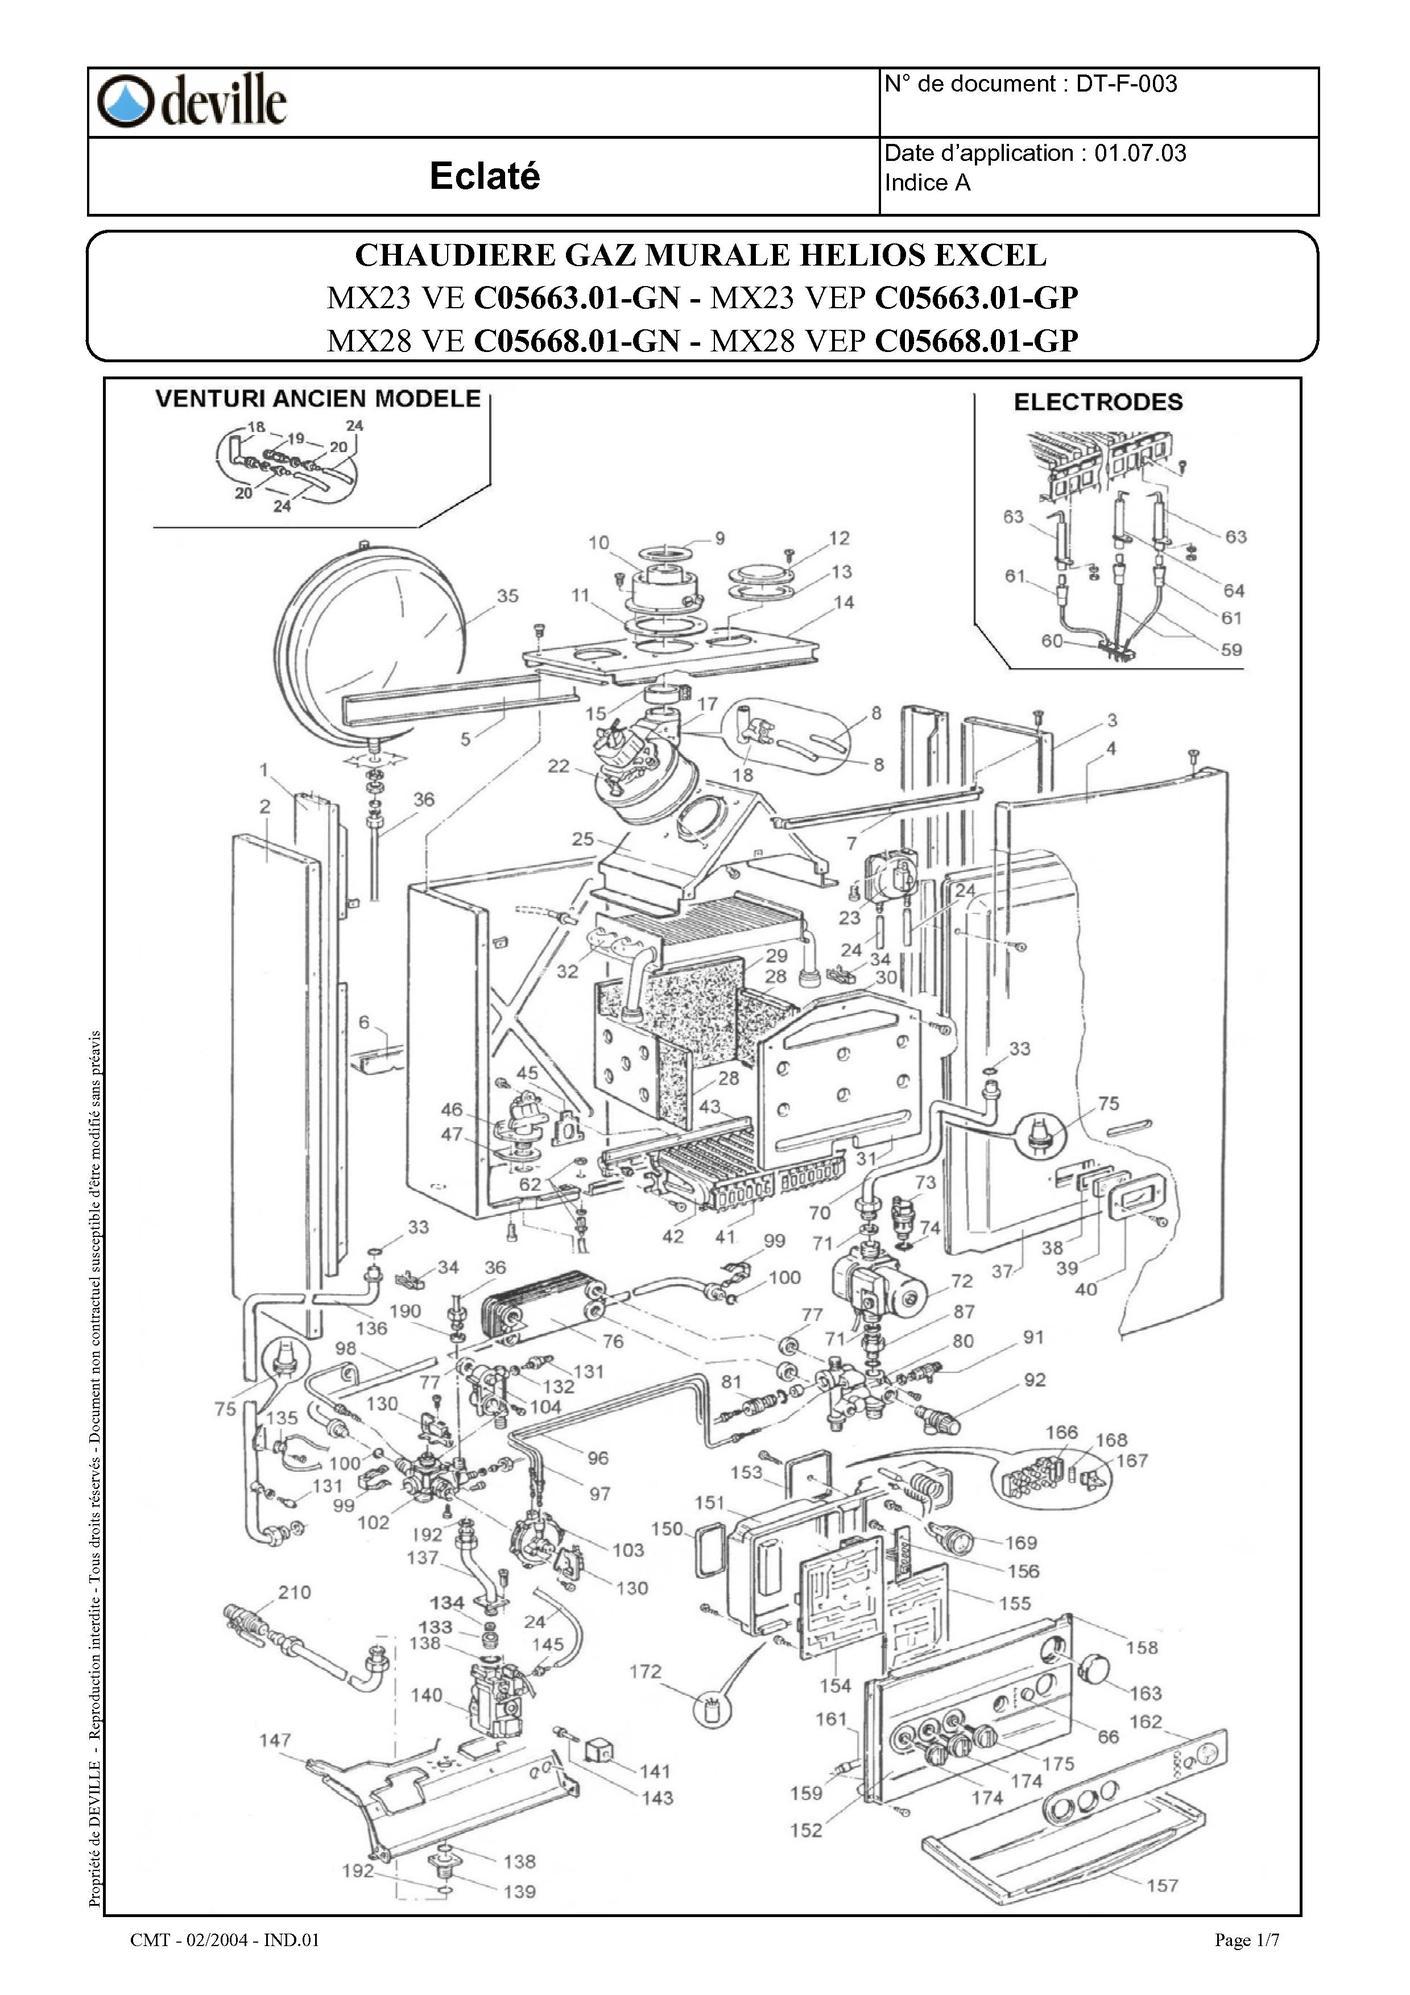 recherche directe dans la vue clat e de l 39 article deville thermique pompe wilo rsl 15 5 3 pr 9. Black Bedroom Furniture Sets. Home Design Ideas